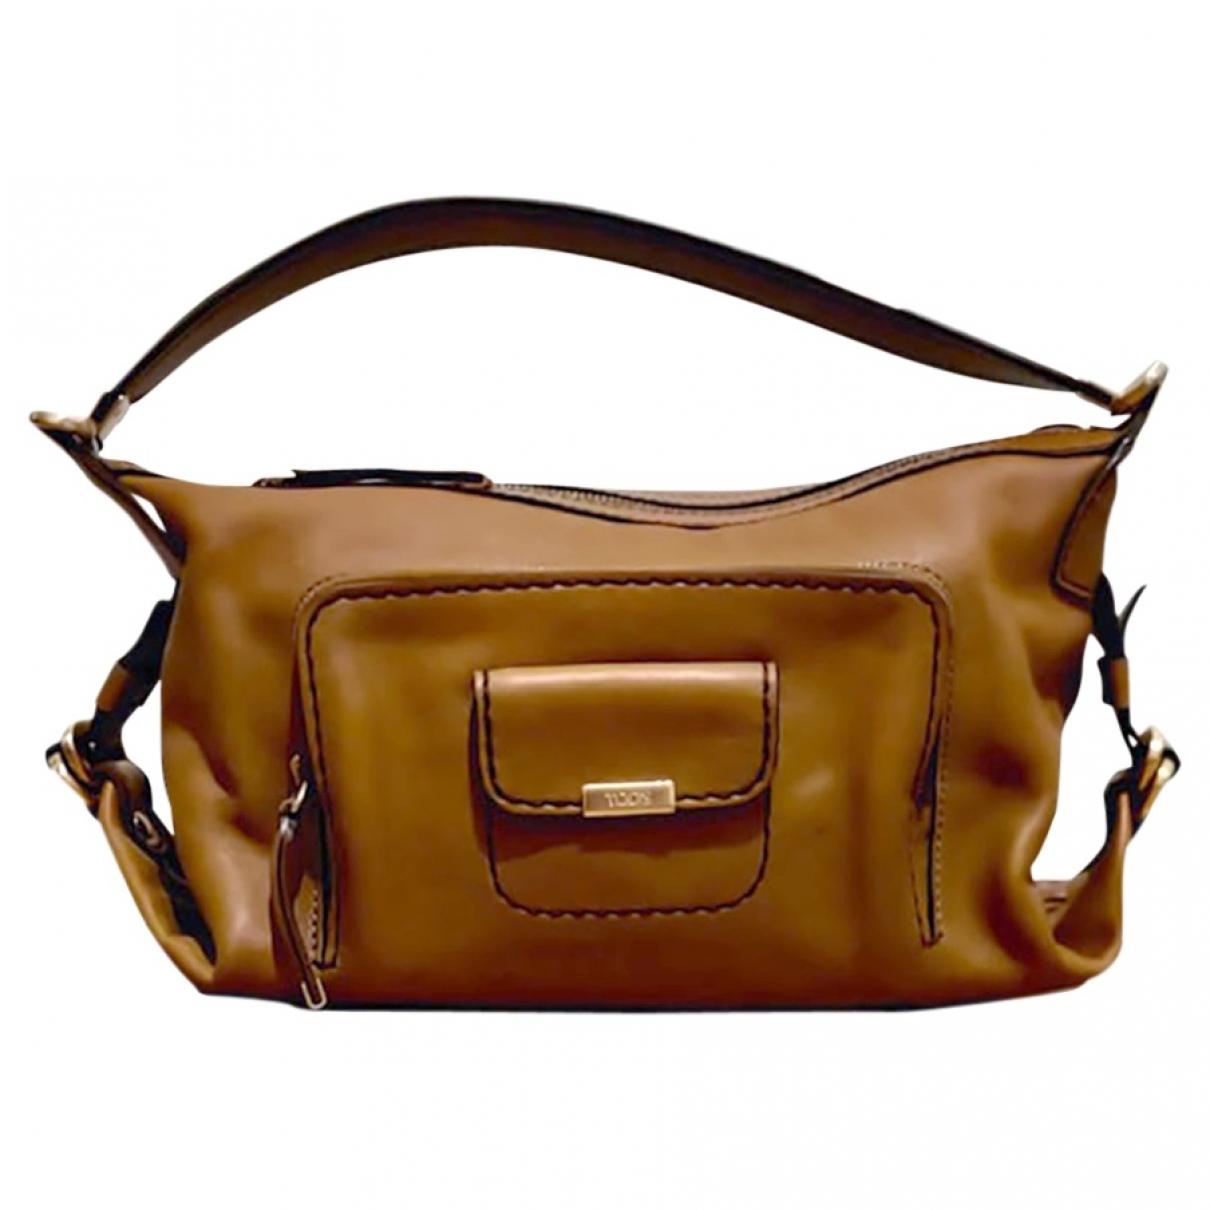 Tod's \N Handtasche in  Kamel Leder